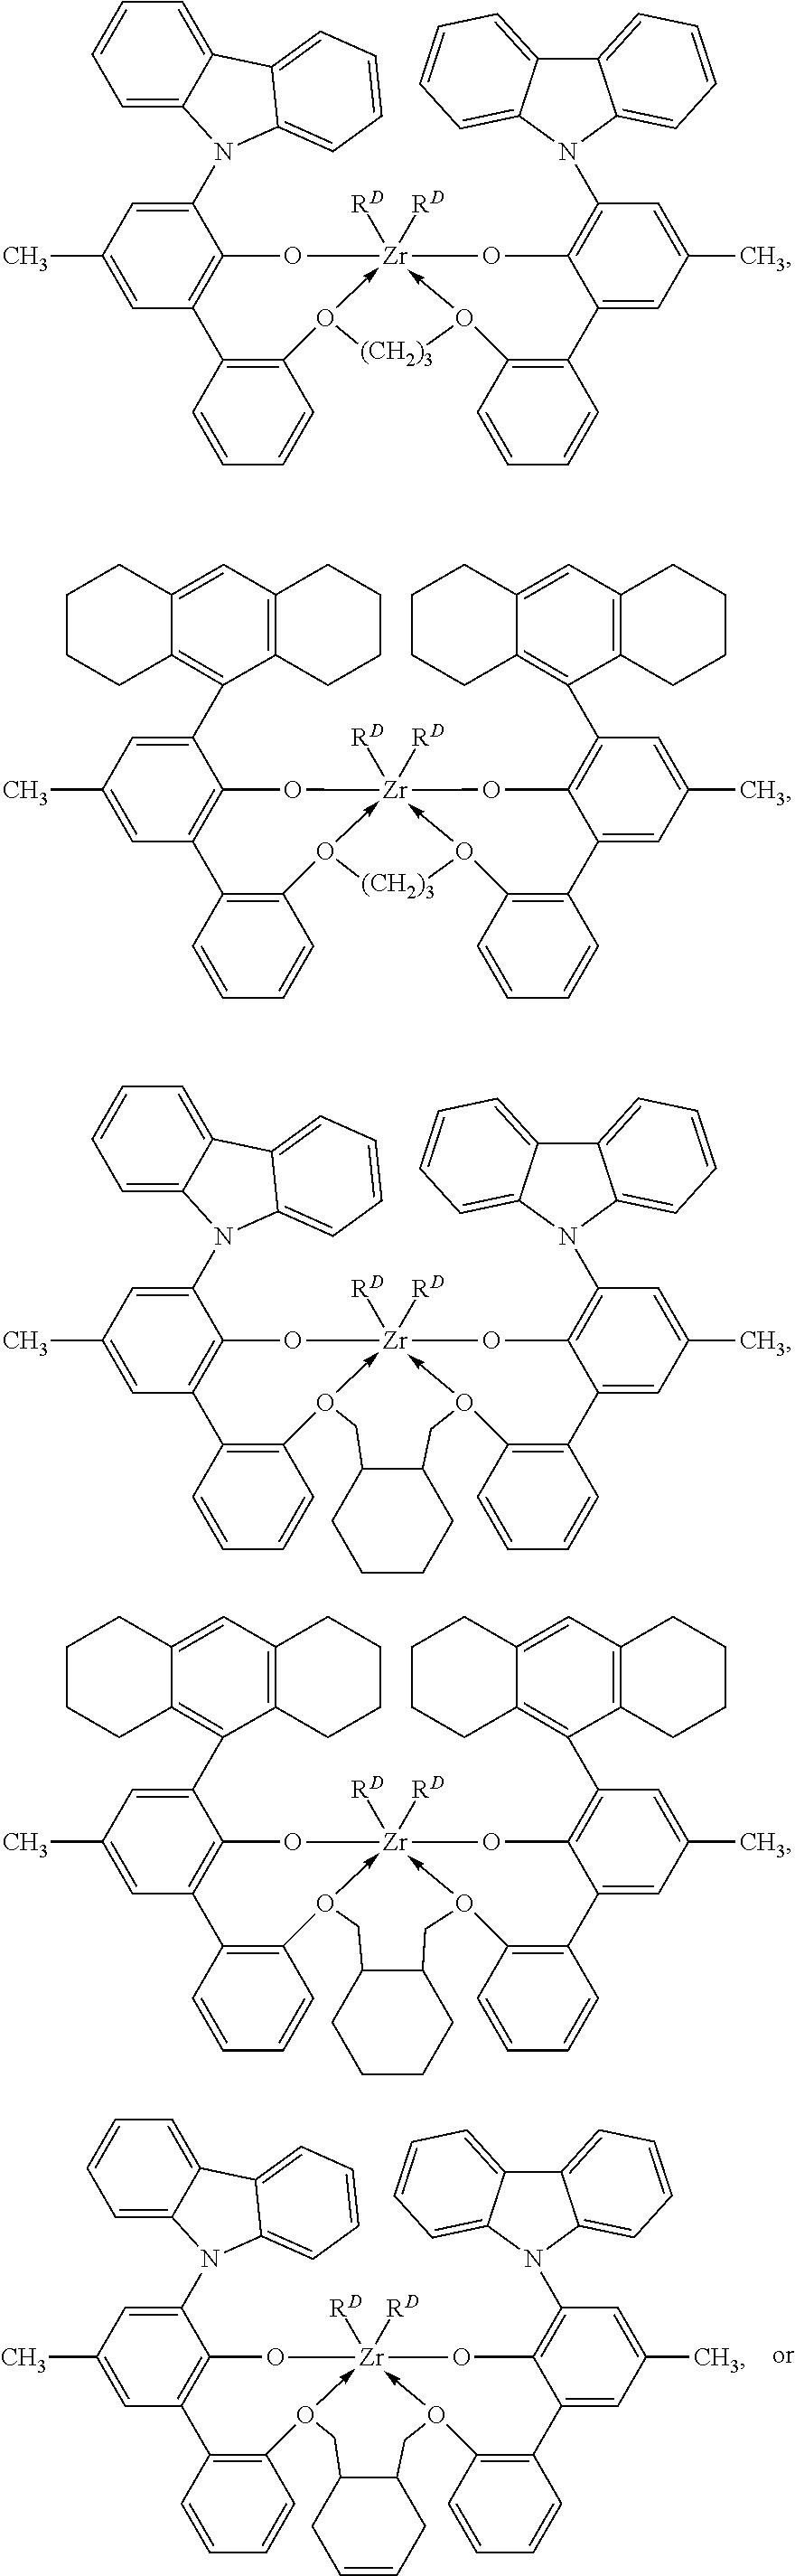 Figure US08349984-20130108-C00006